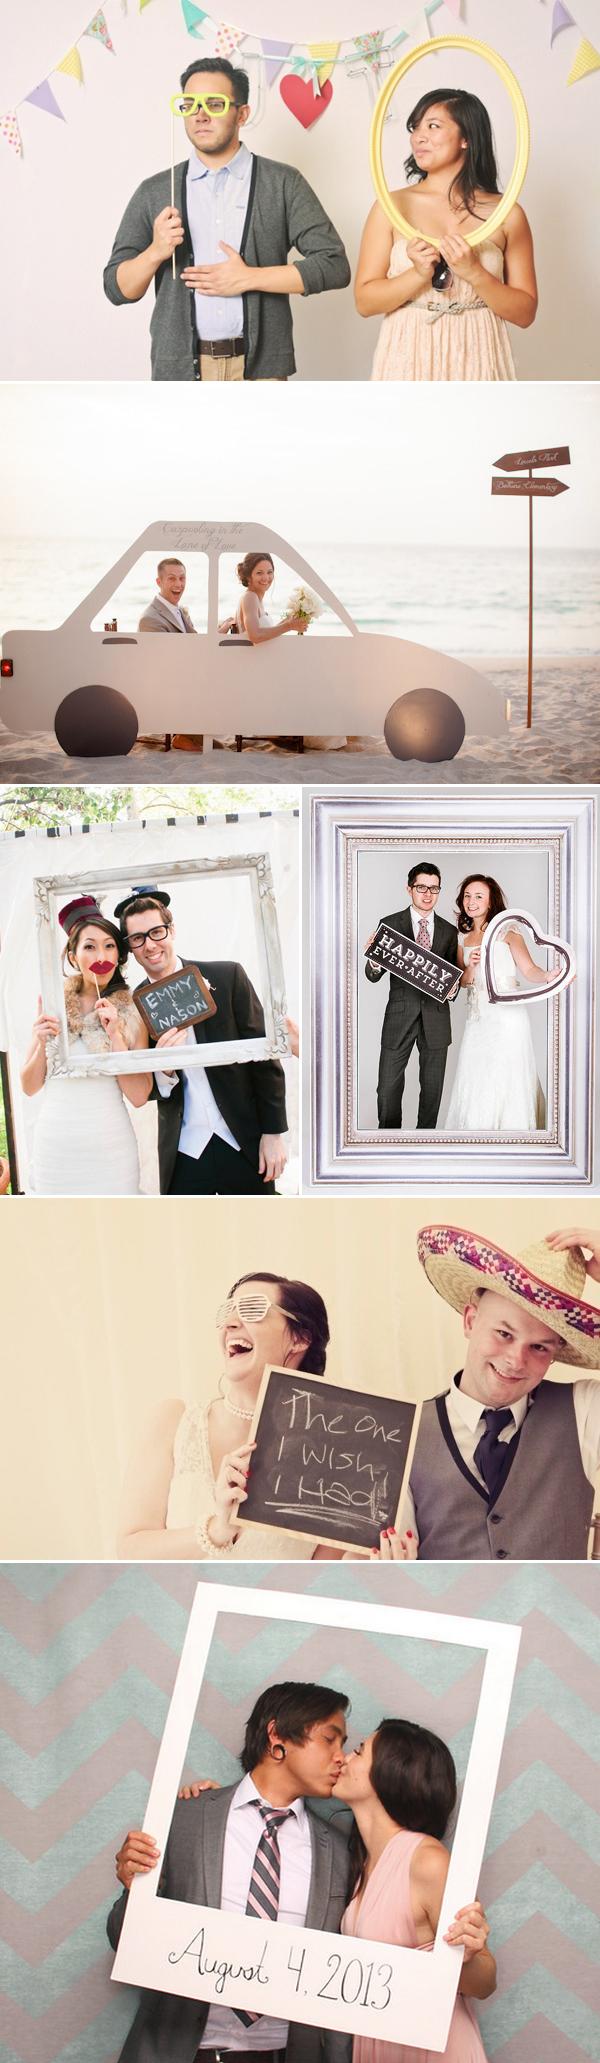 photobooth02-couple-framed